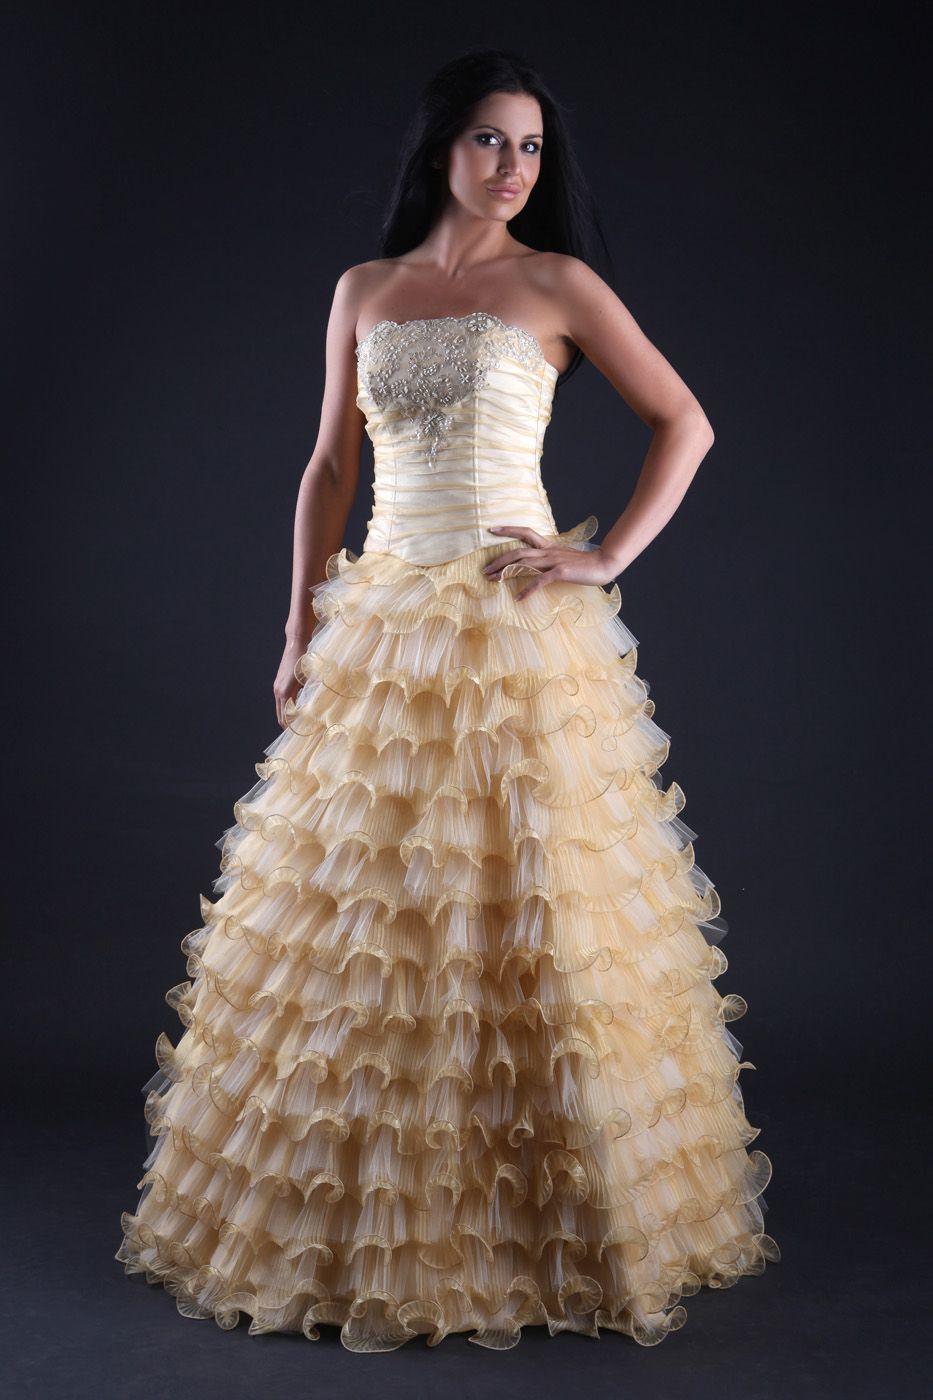 Western Ballkleid Brautkleid mit Rüschen & Korsage Opulent Creme ...